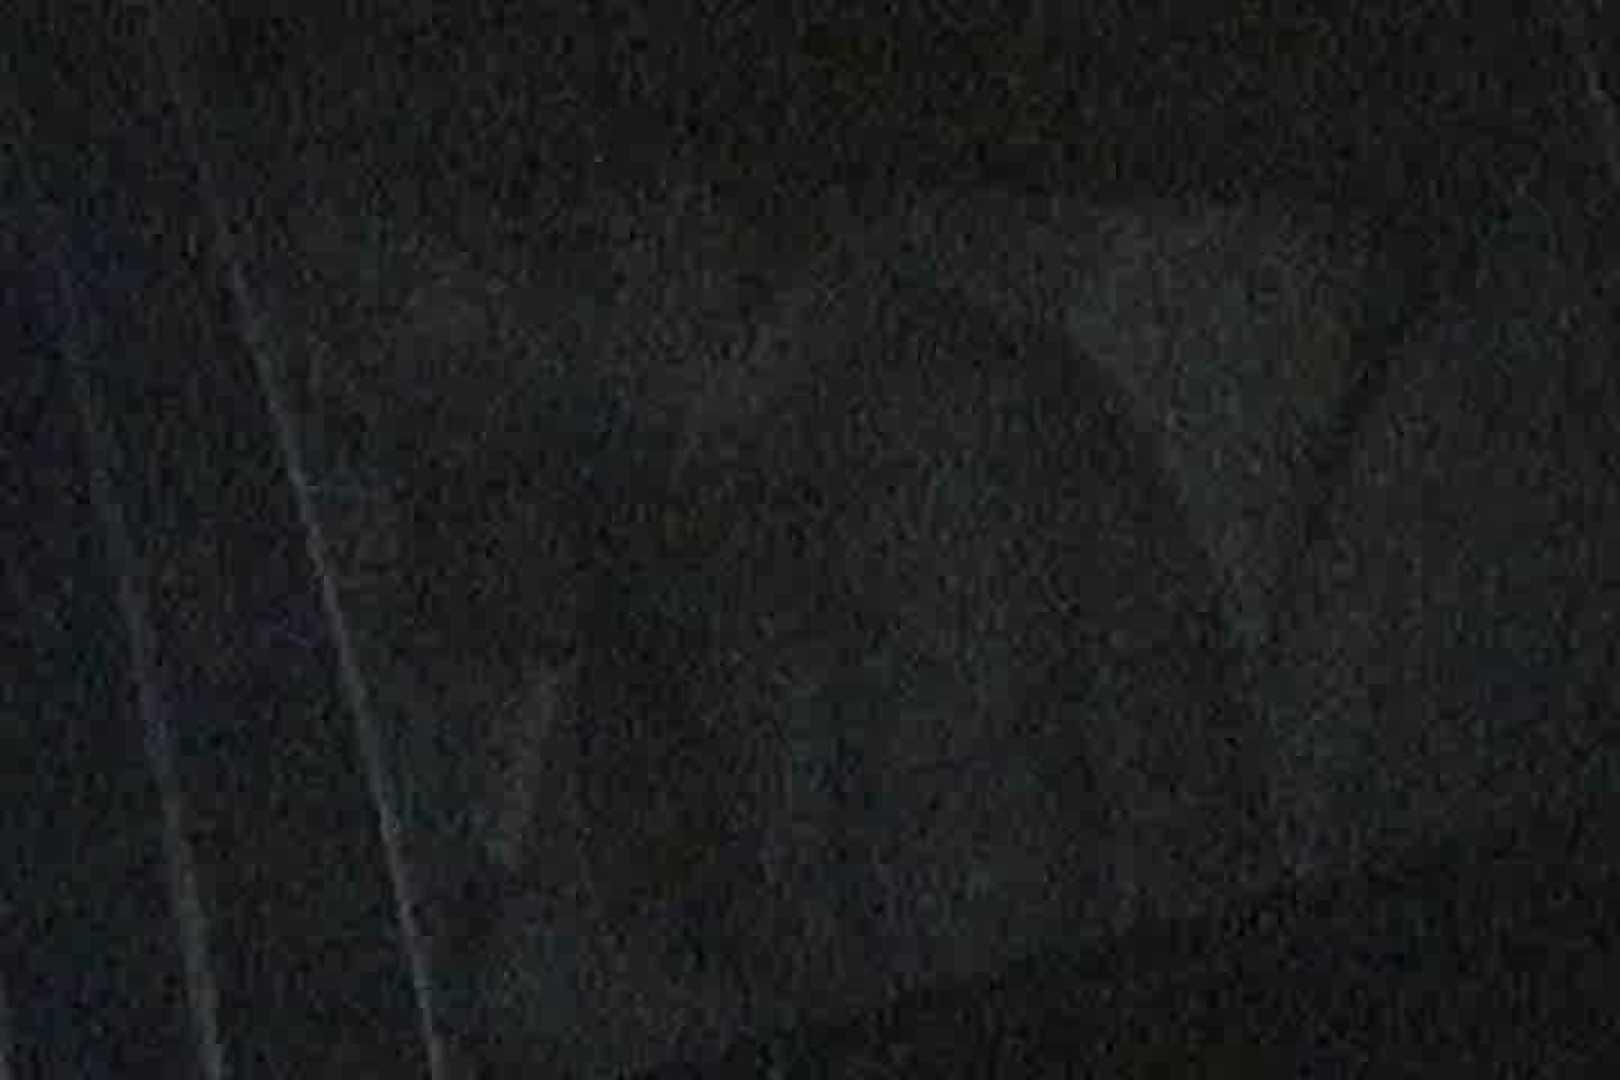 充血監督の深夜の運動会Vol.8 美しいOLの裸体  75pic 21